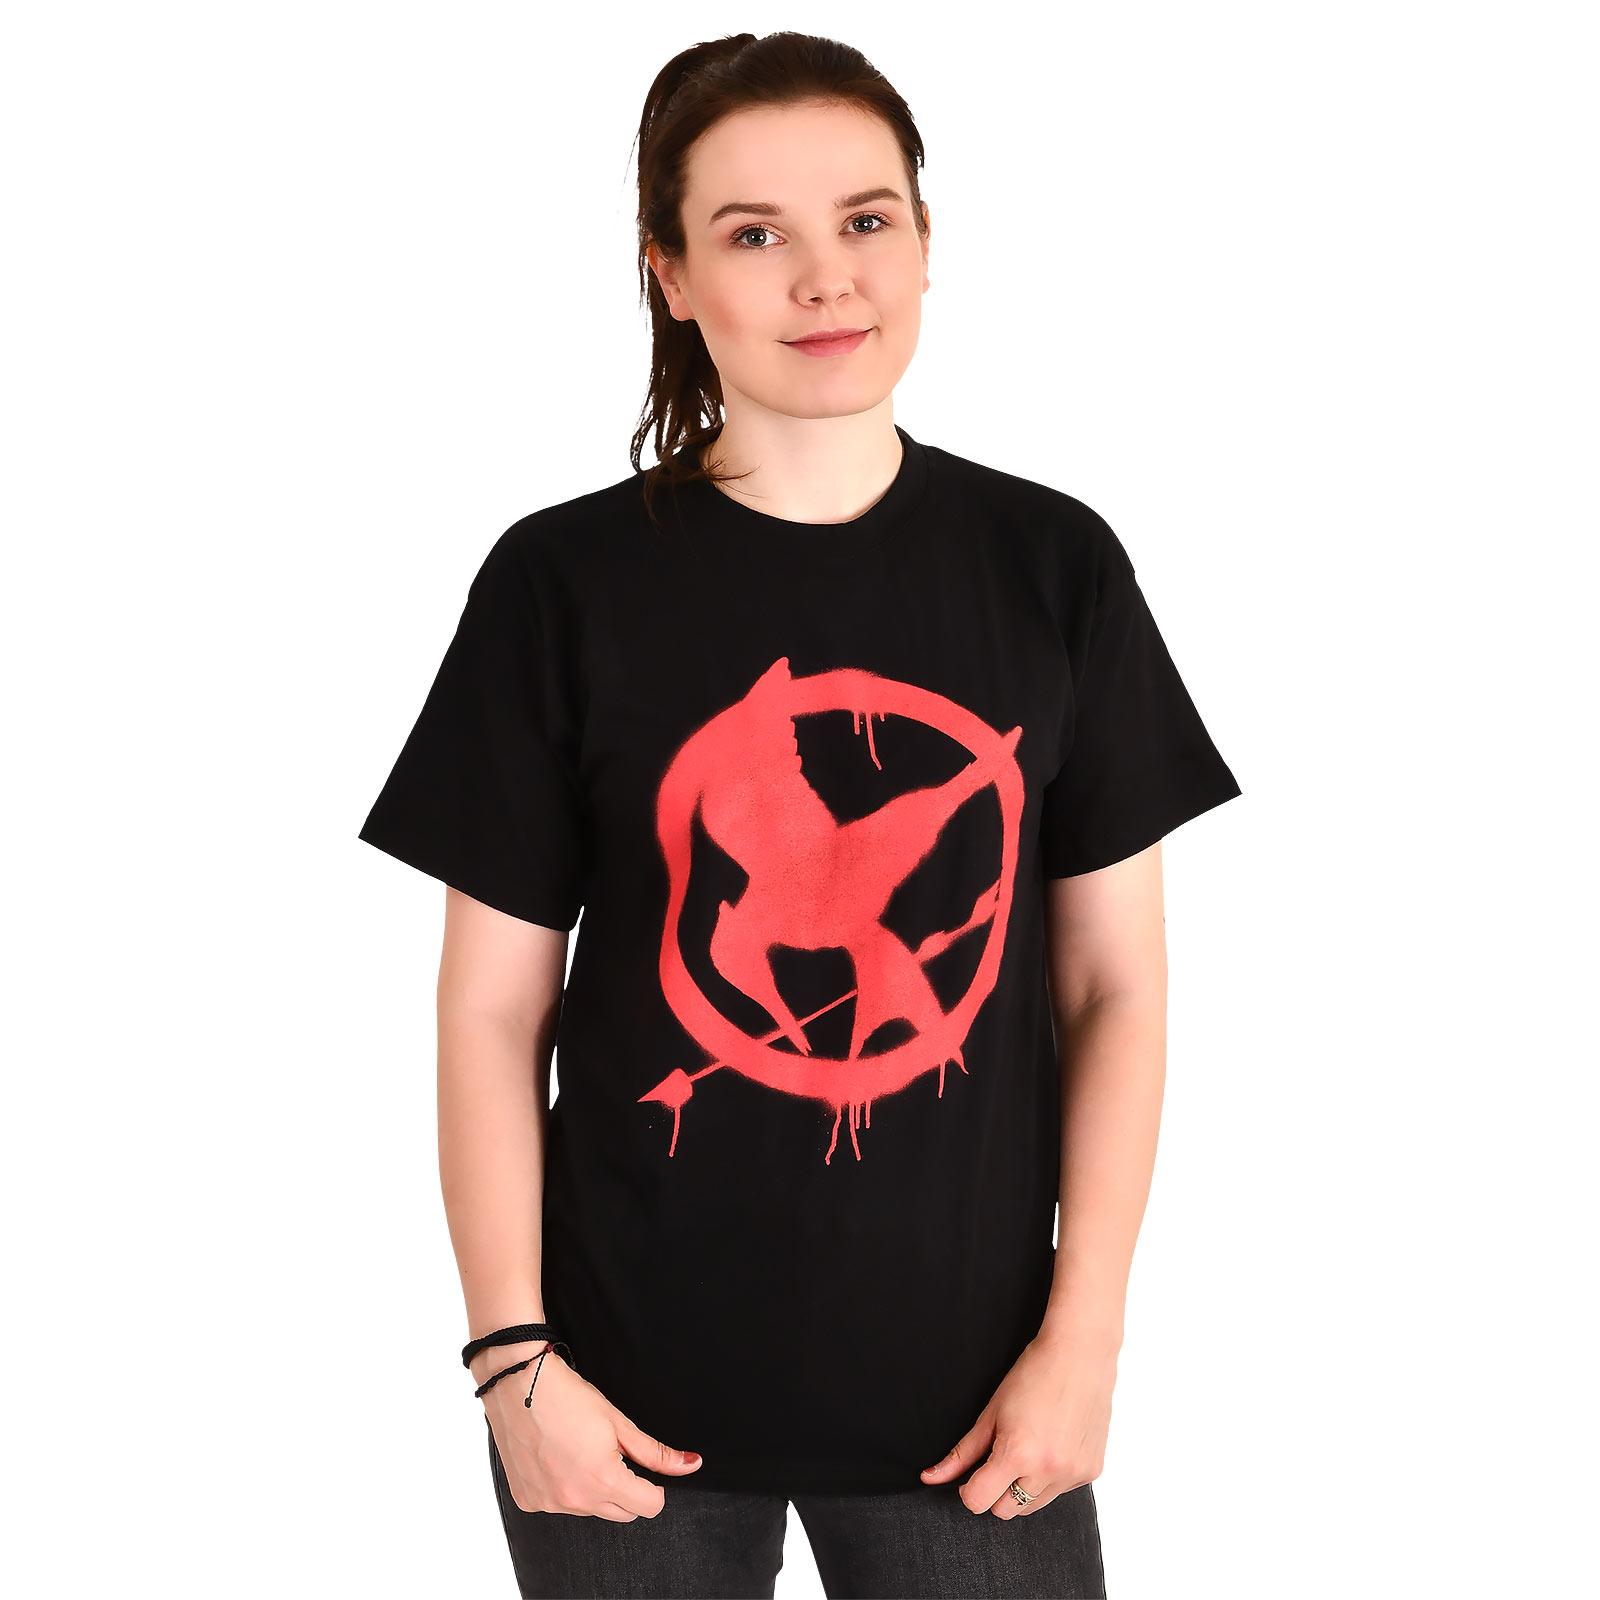 Tribute von Panem - Spotttölpel Symbol T-Shirt schwarz